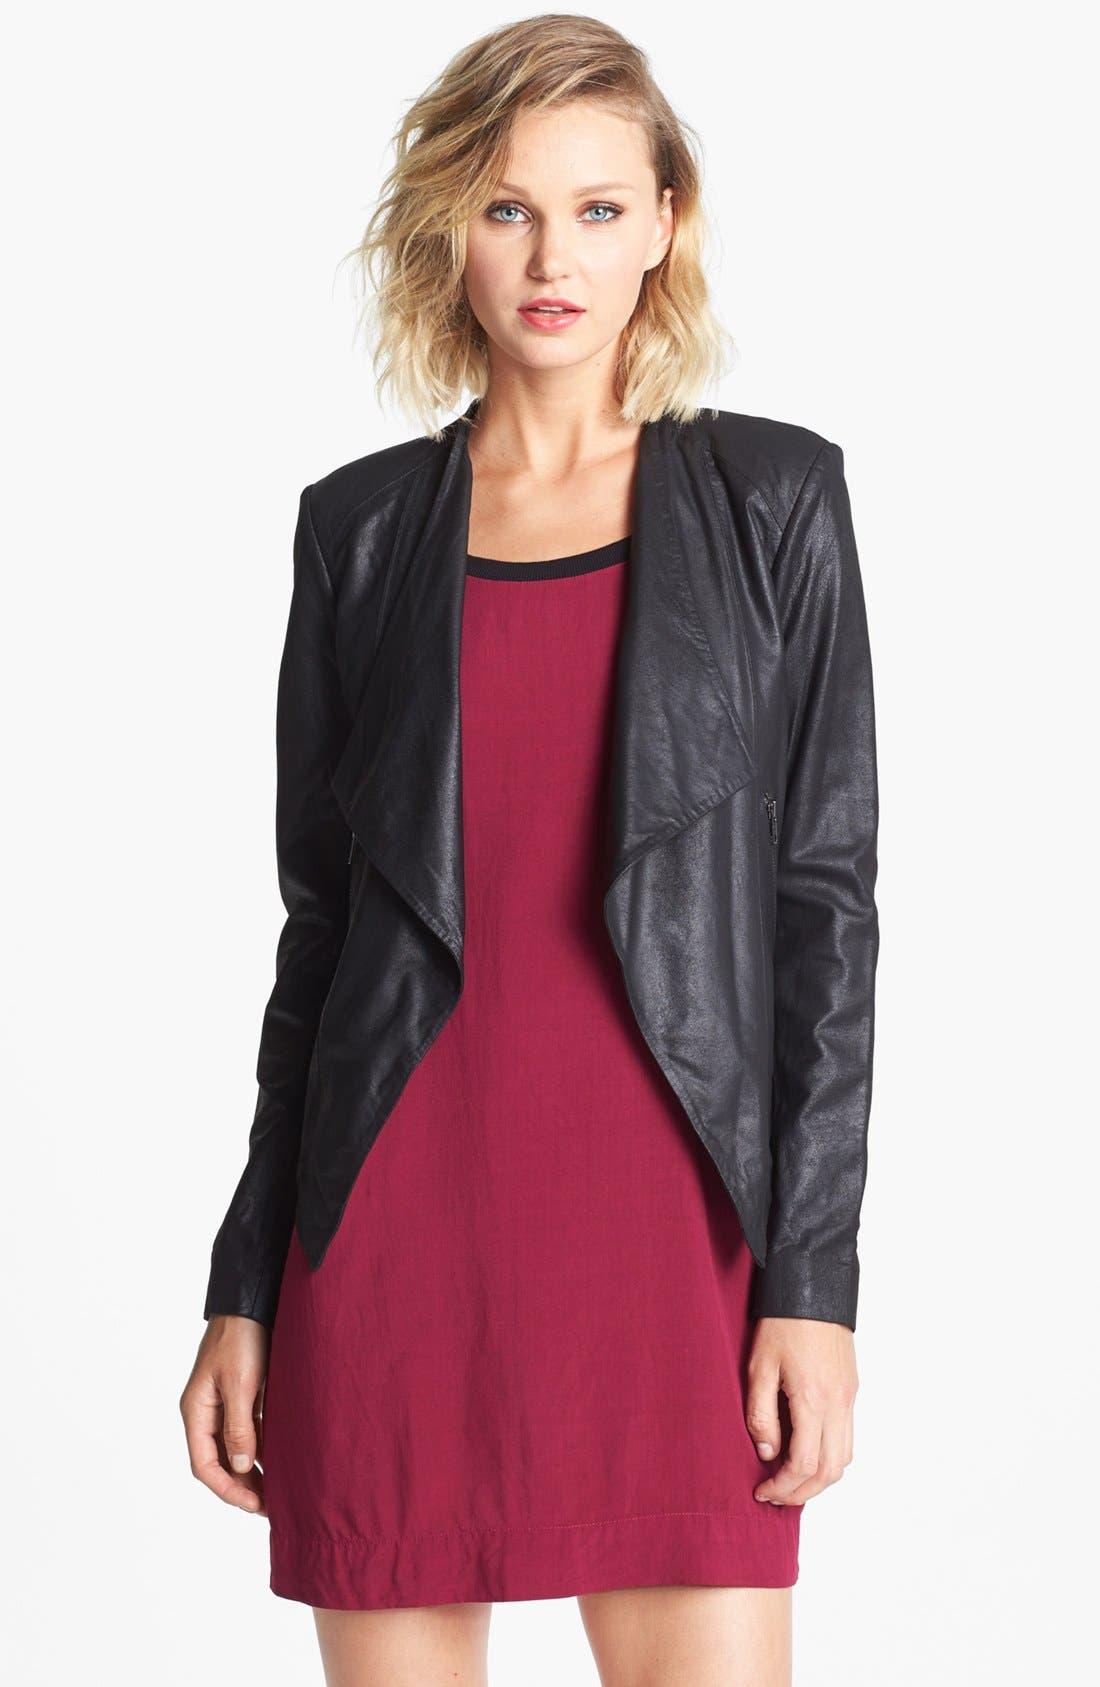 Alternate Image 1 Selected - BB Dakota Drape Front Leather Jacket